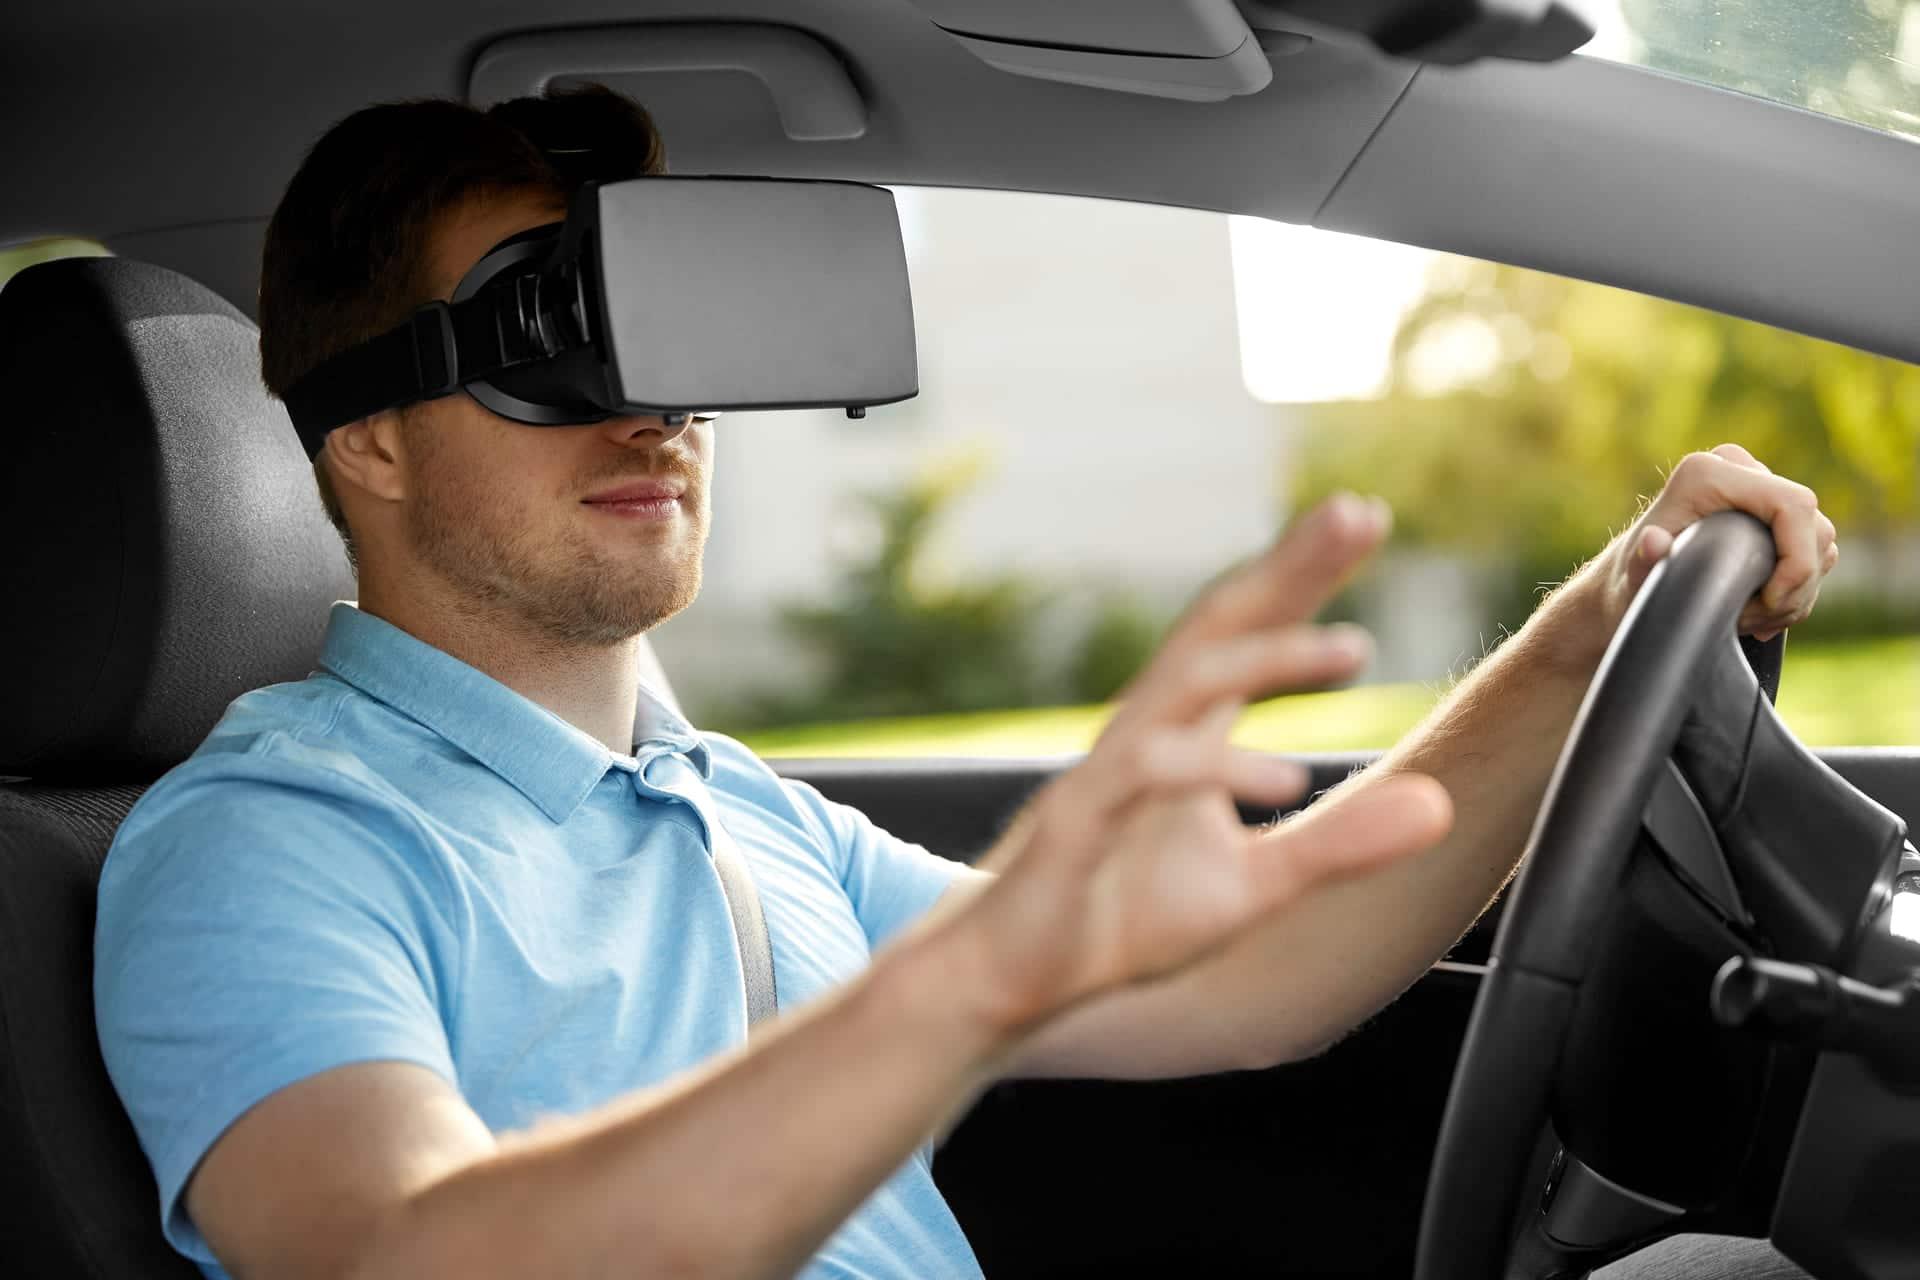 Epic Games s'associe à des constructeurs pour créer des simulations en réalité virtuelle